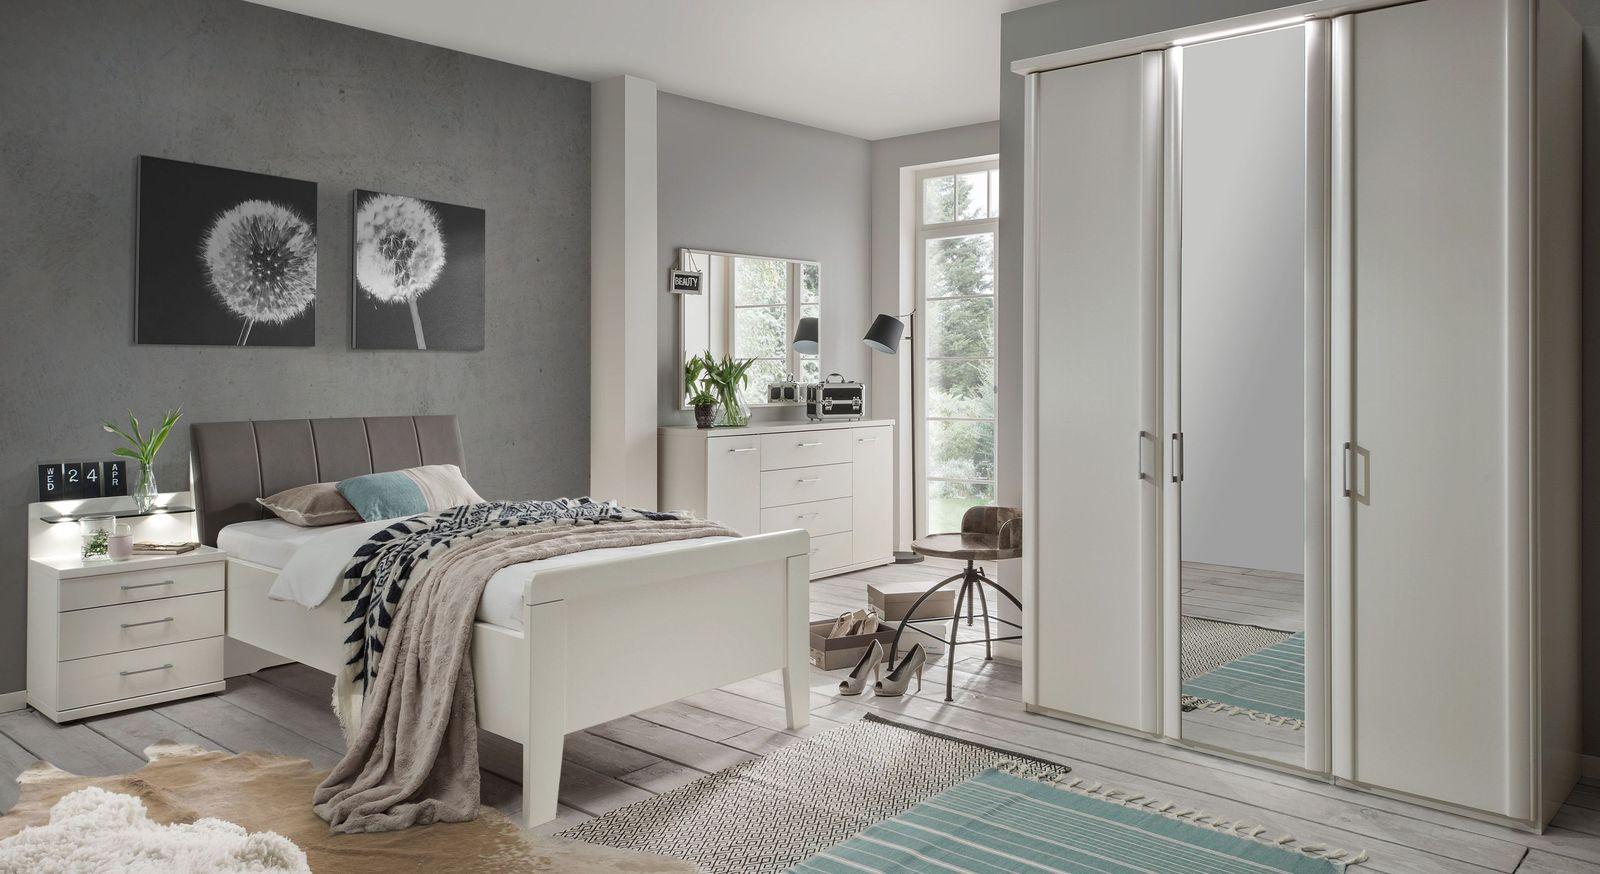 Komfort-Einzelbett Casperia mit passenden Schlafzimmer-Möbeln